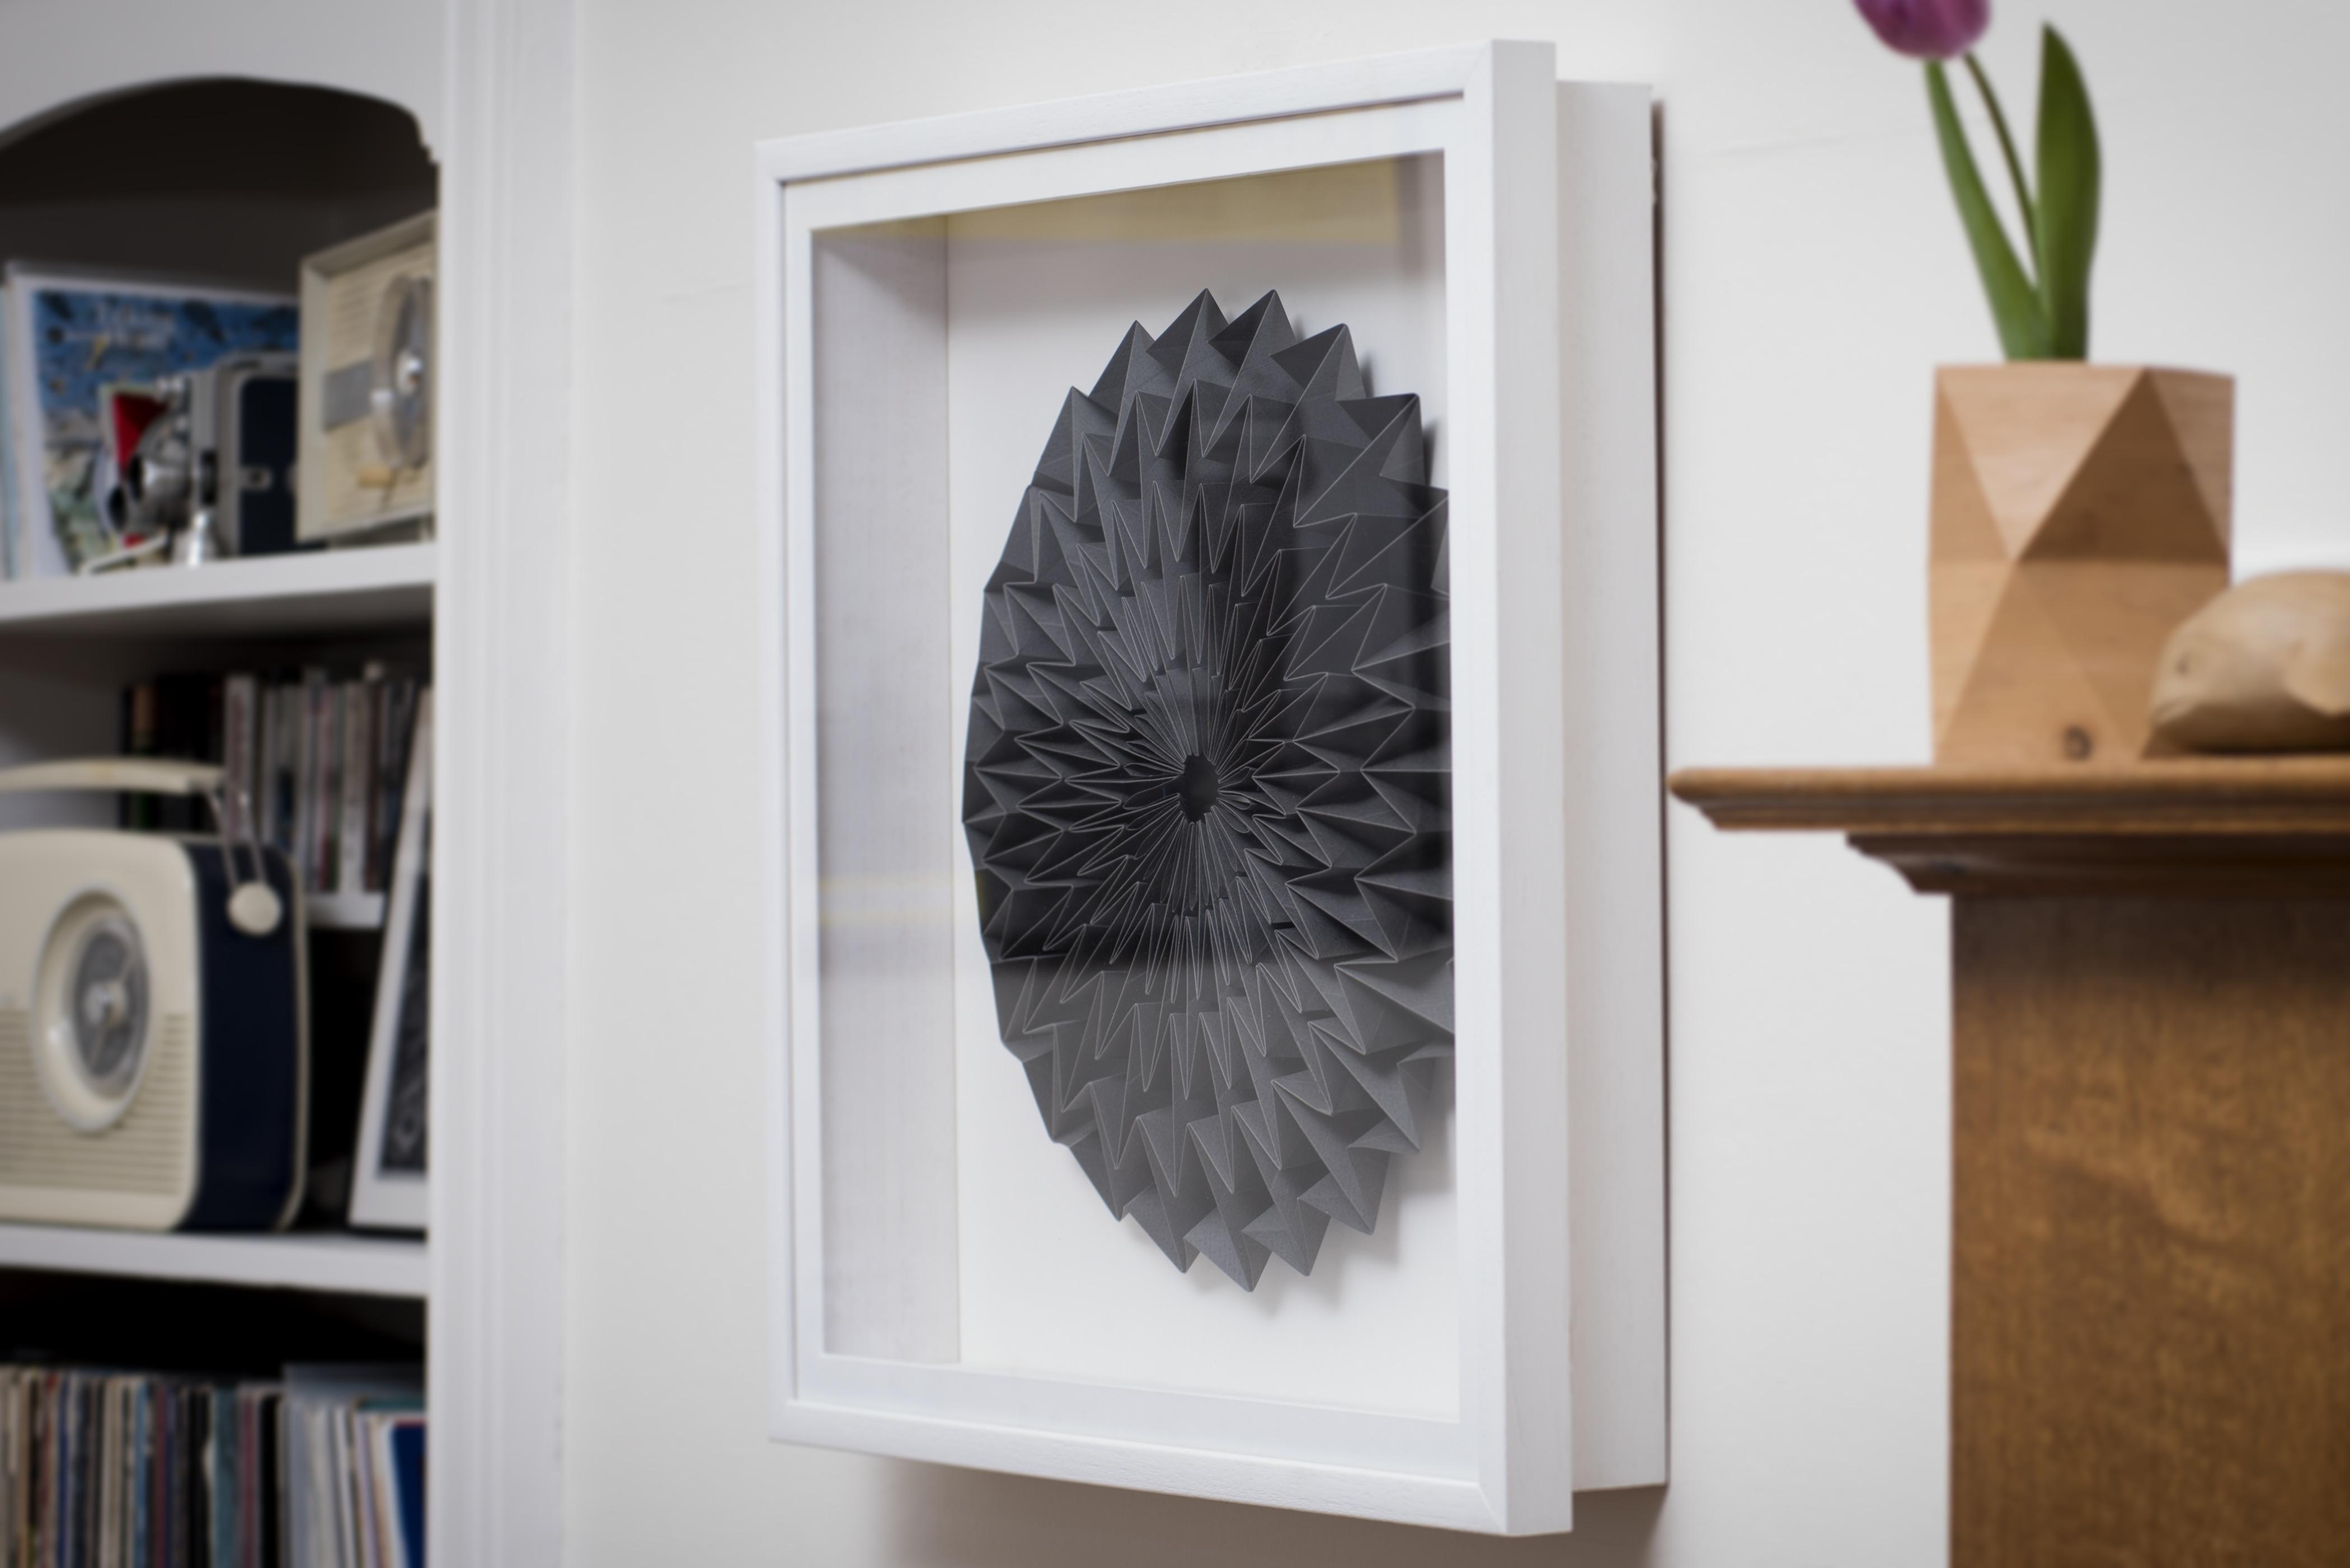 Framed Folded Artwork in Black